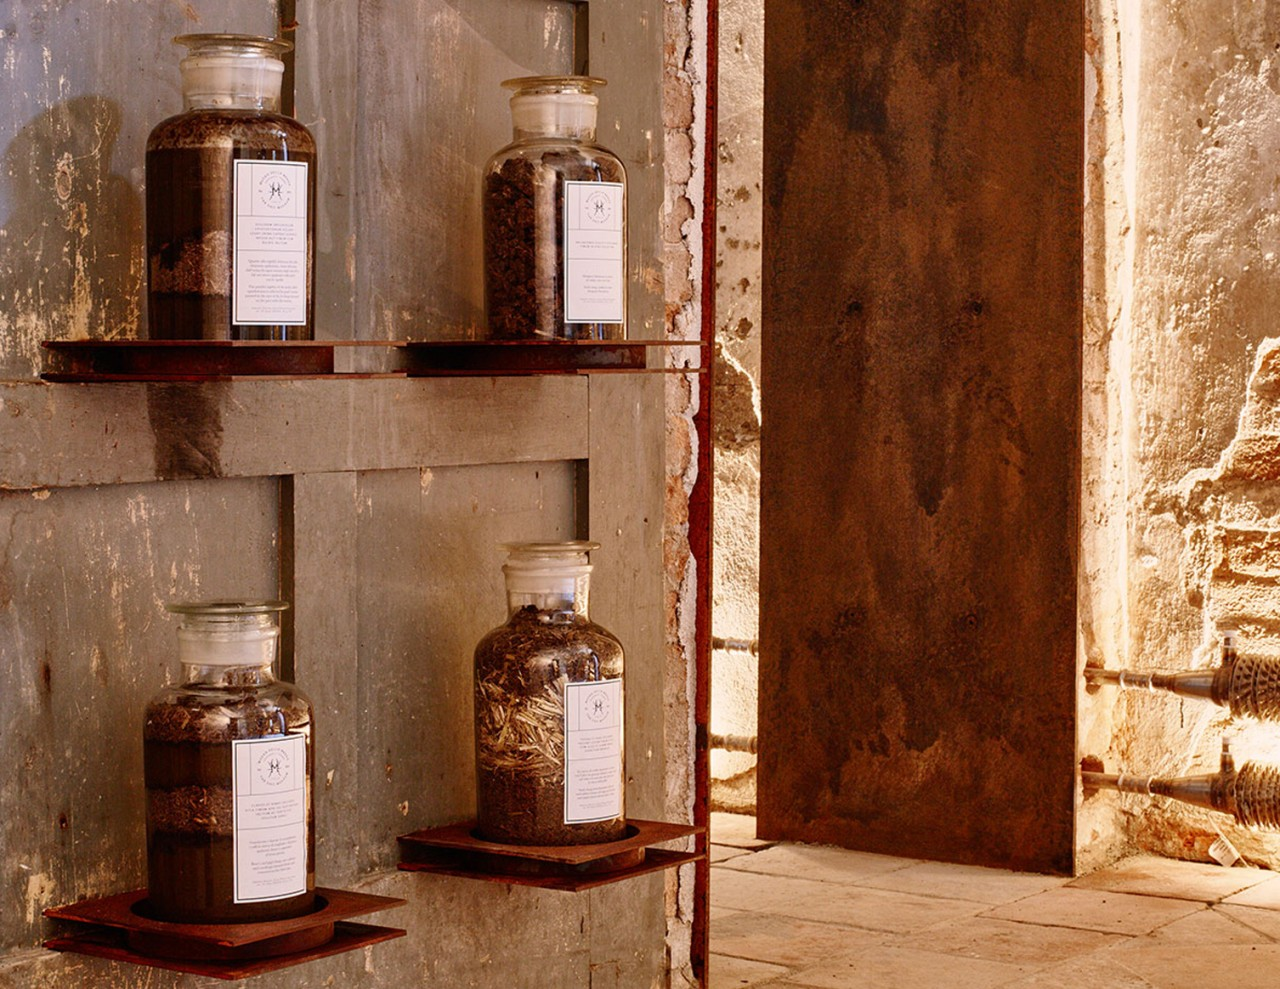 Exposición de varios excrementos en una de las salas del Museo de la Caca en Castelbosco